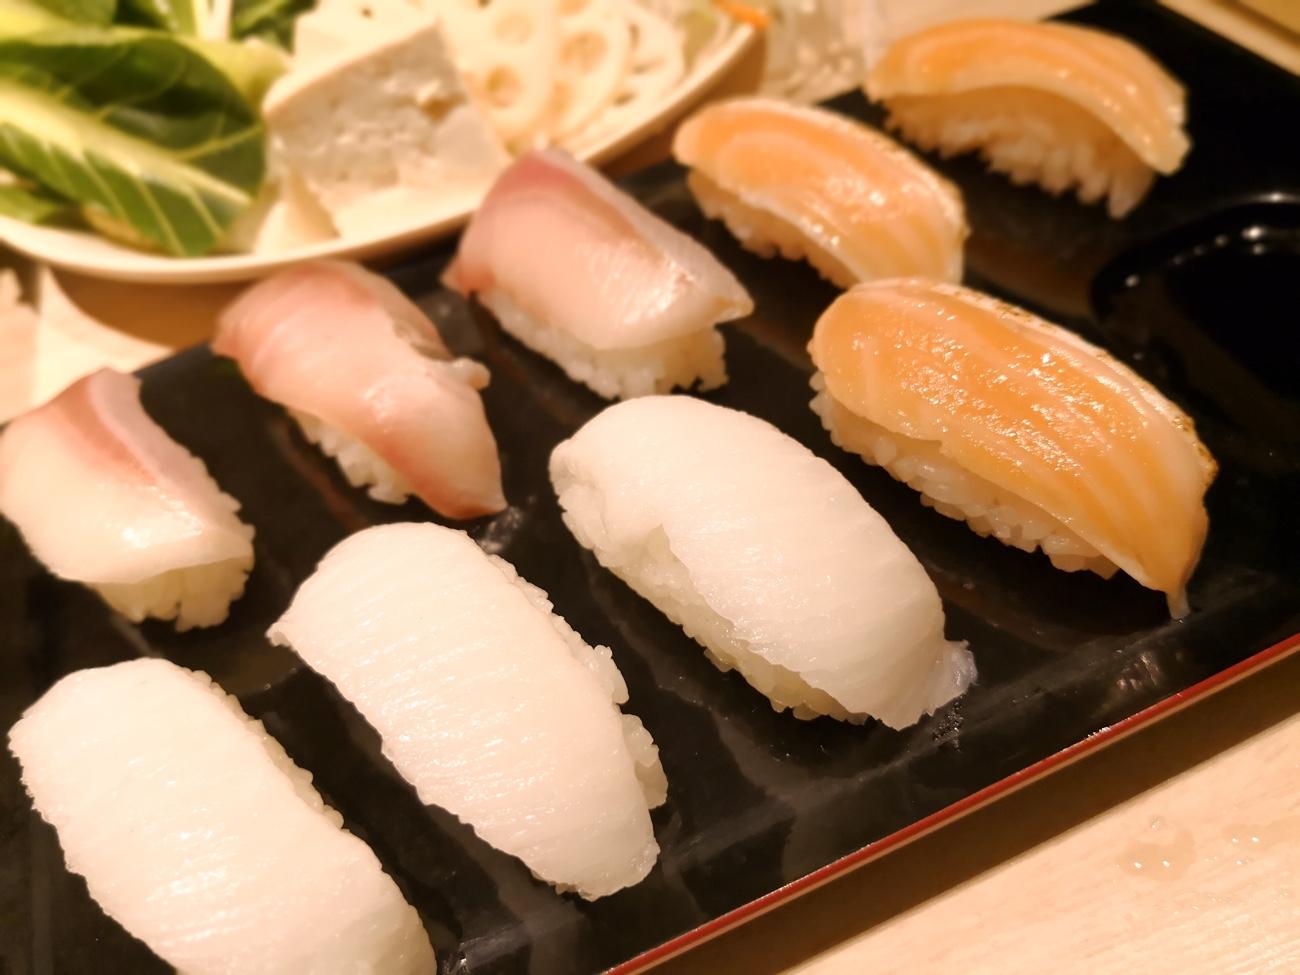 寿司食べ放題 しゃぶしゃぶドレミ横浜西口店